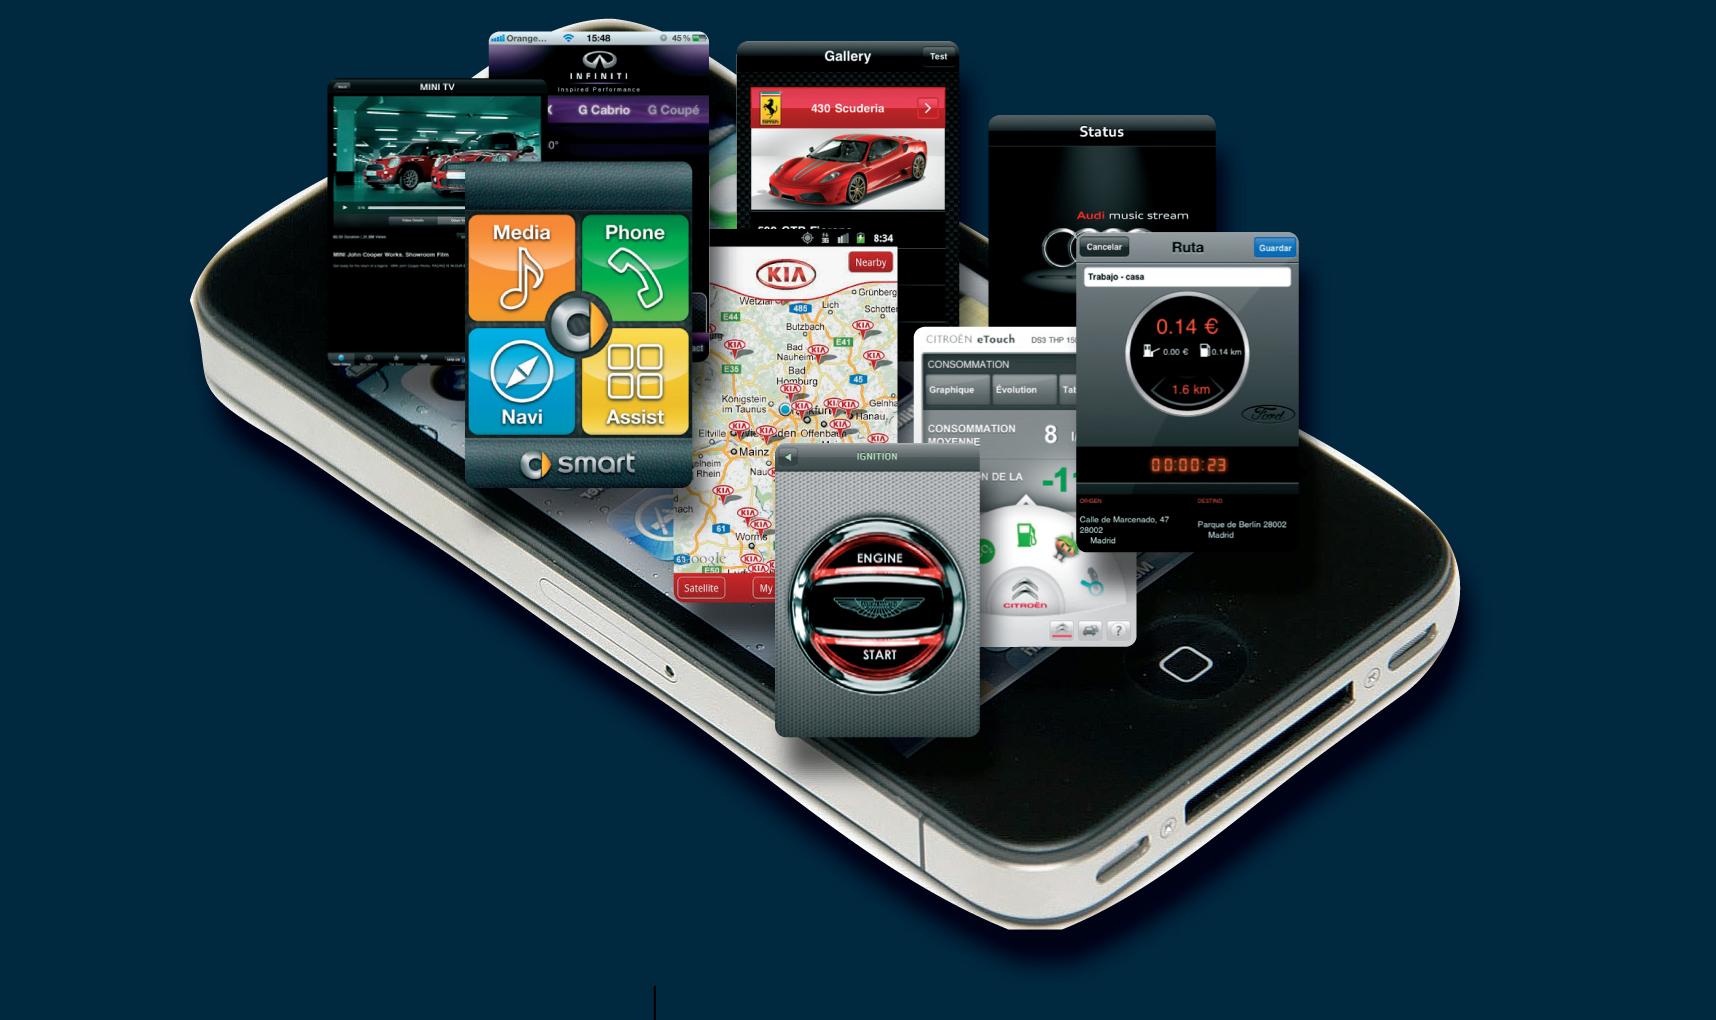 2012 10 26 IMG 2012 10 26 123450 dicho en internet140apps de las marcas def